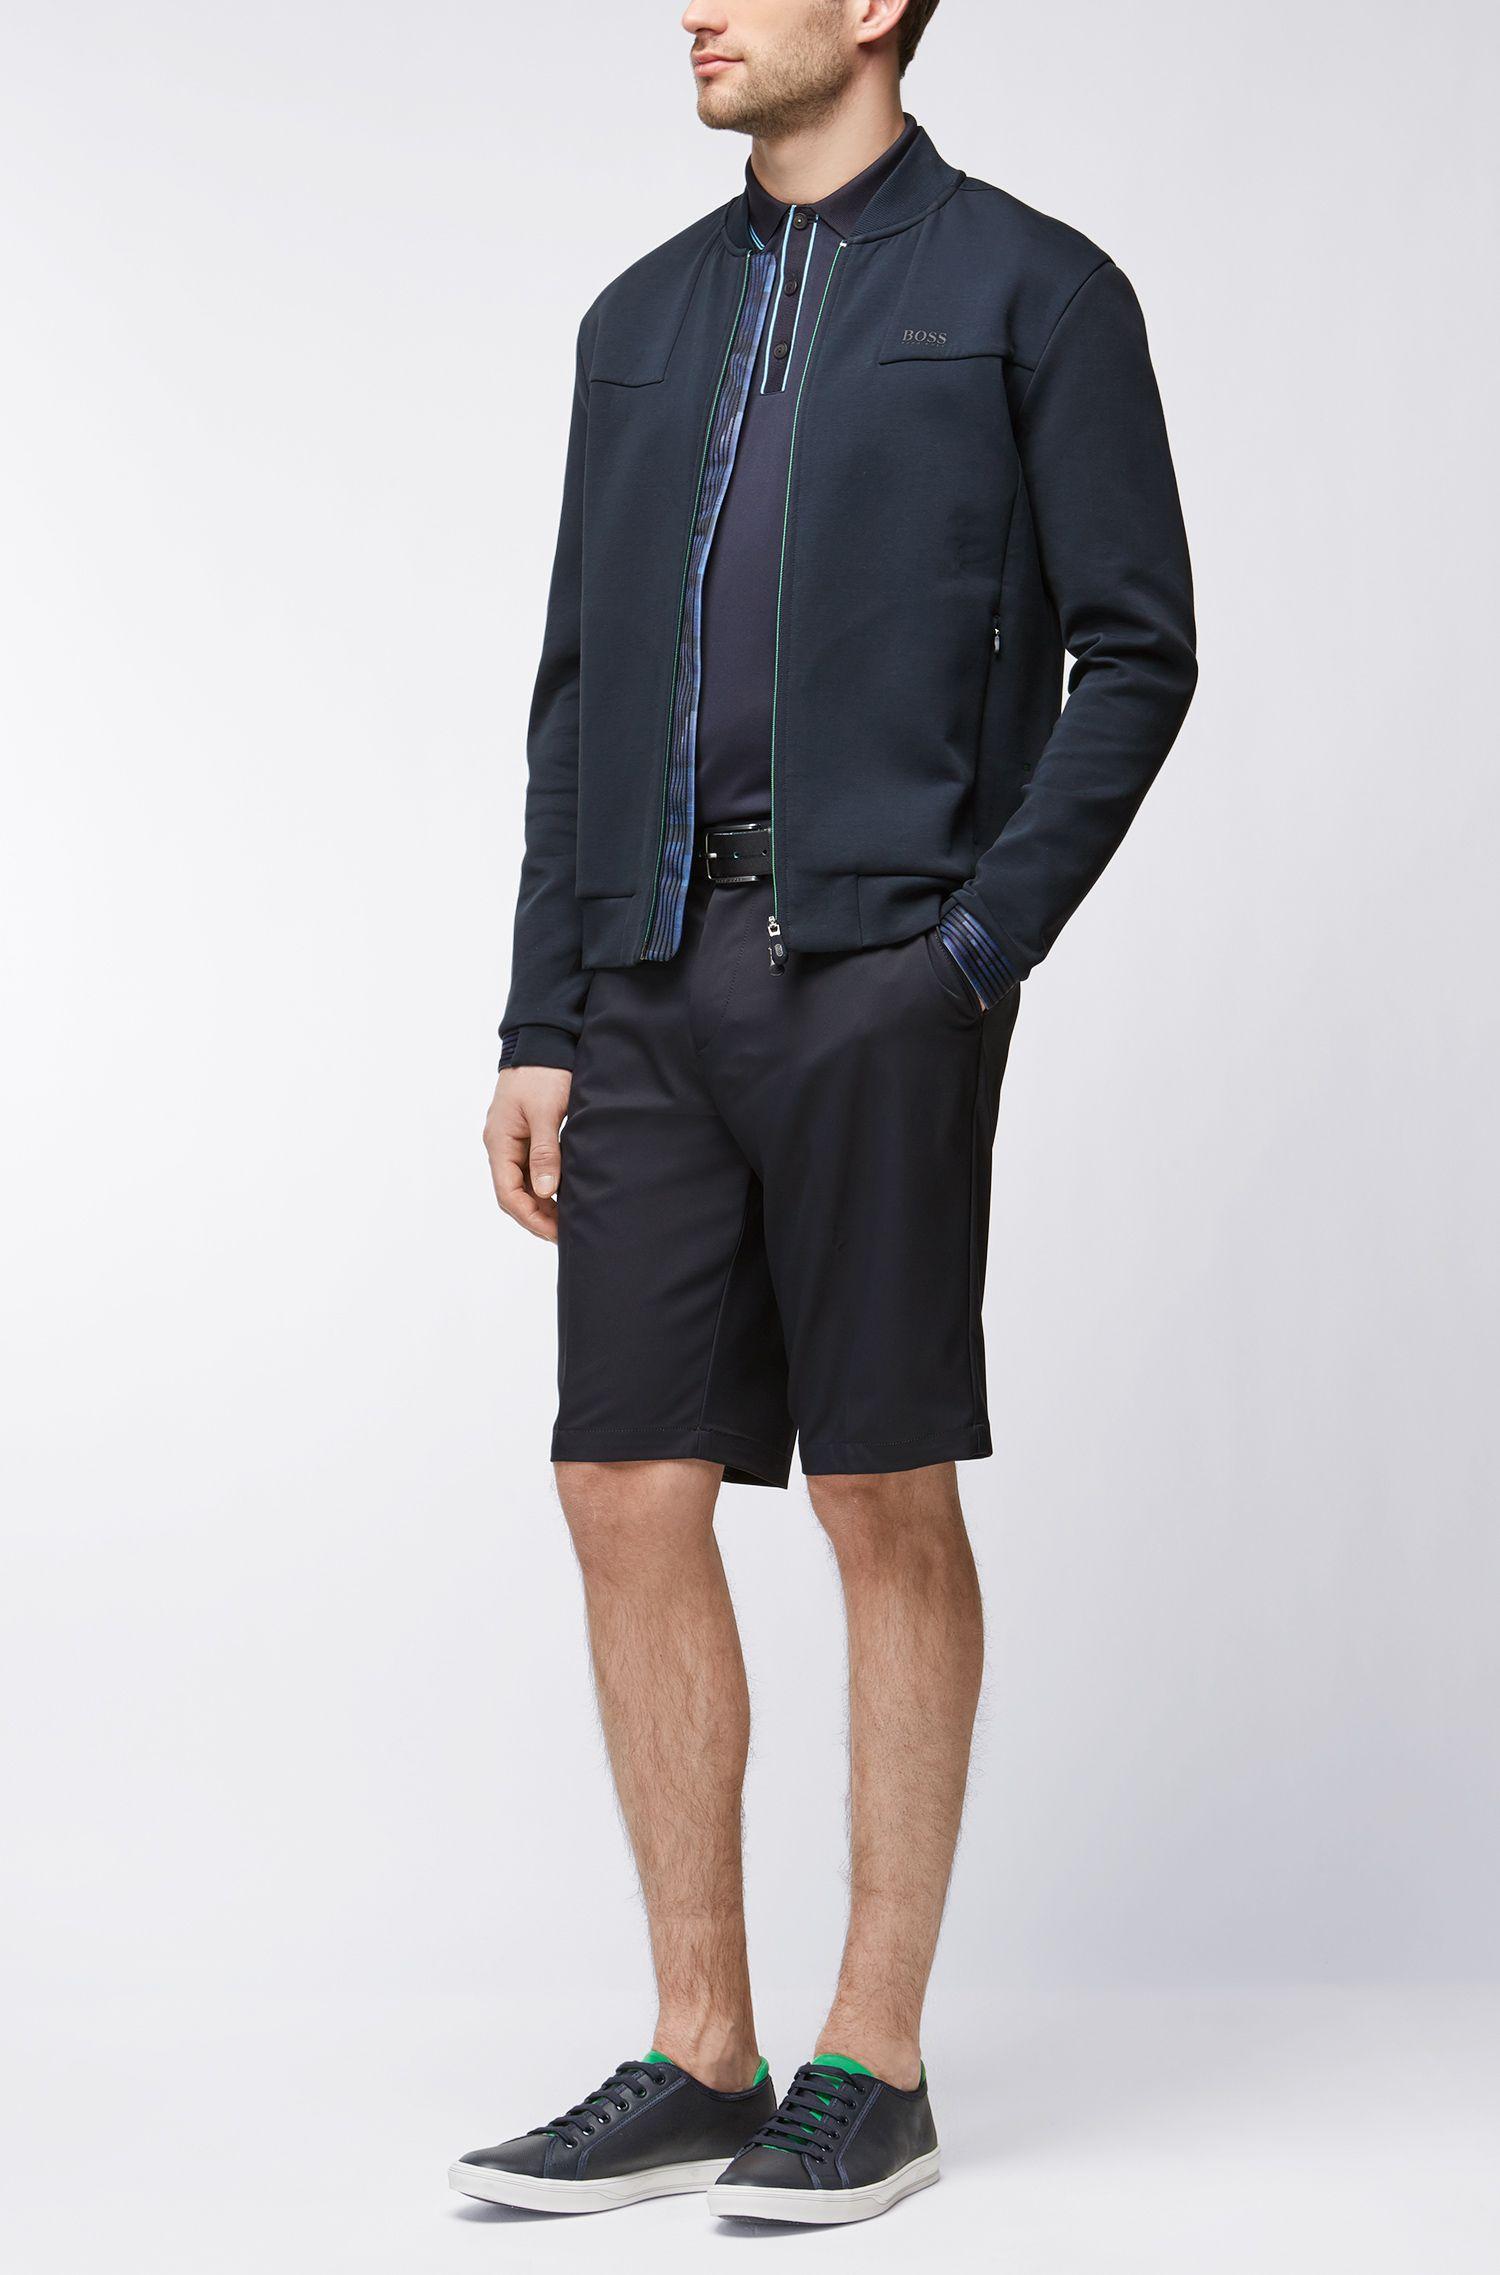 Polo en tissu technique, avec dos en mesh